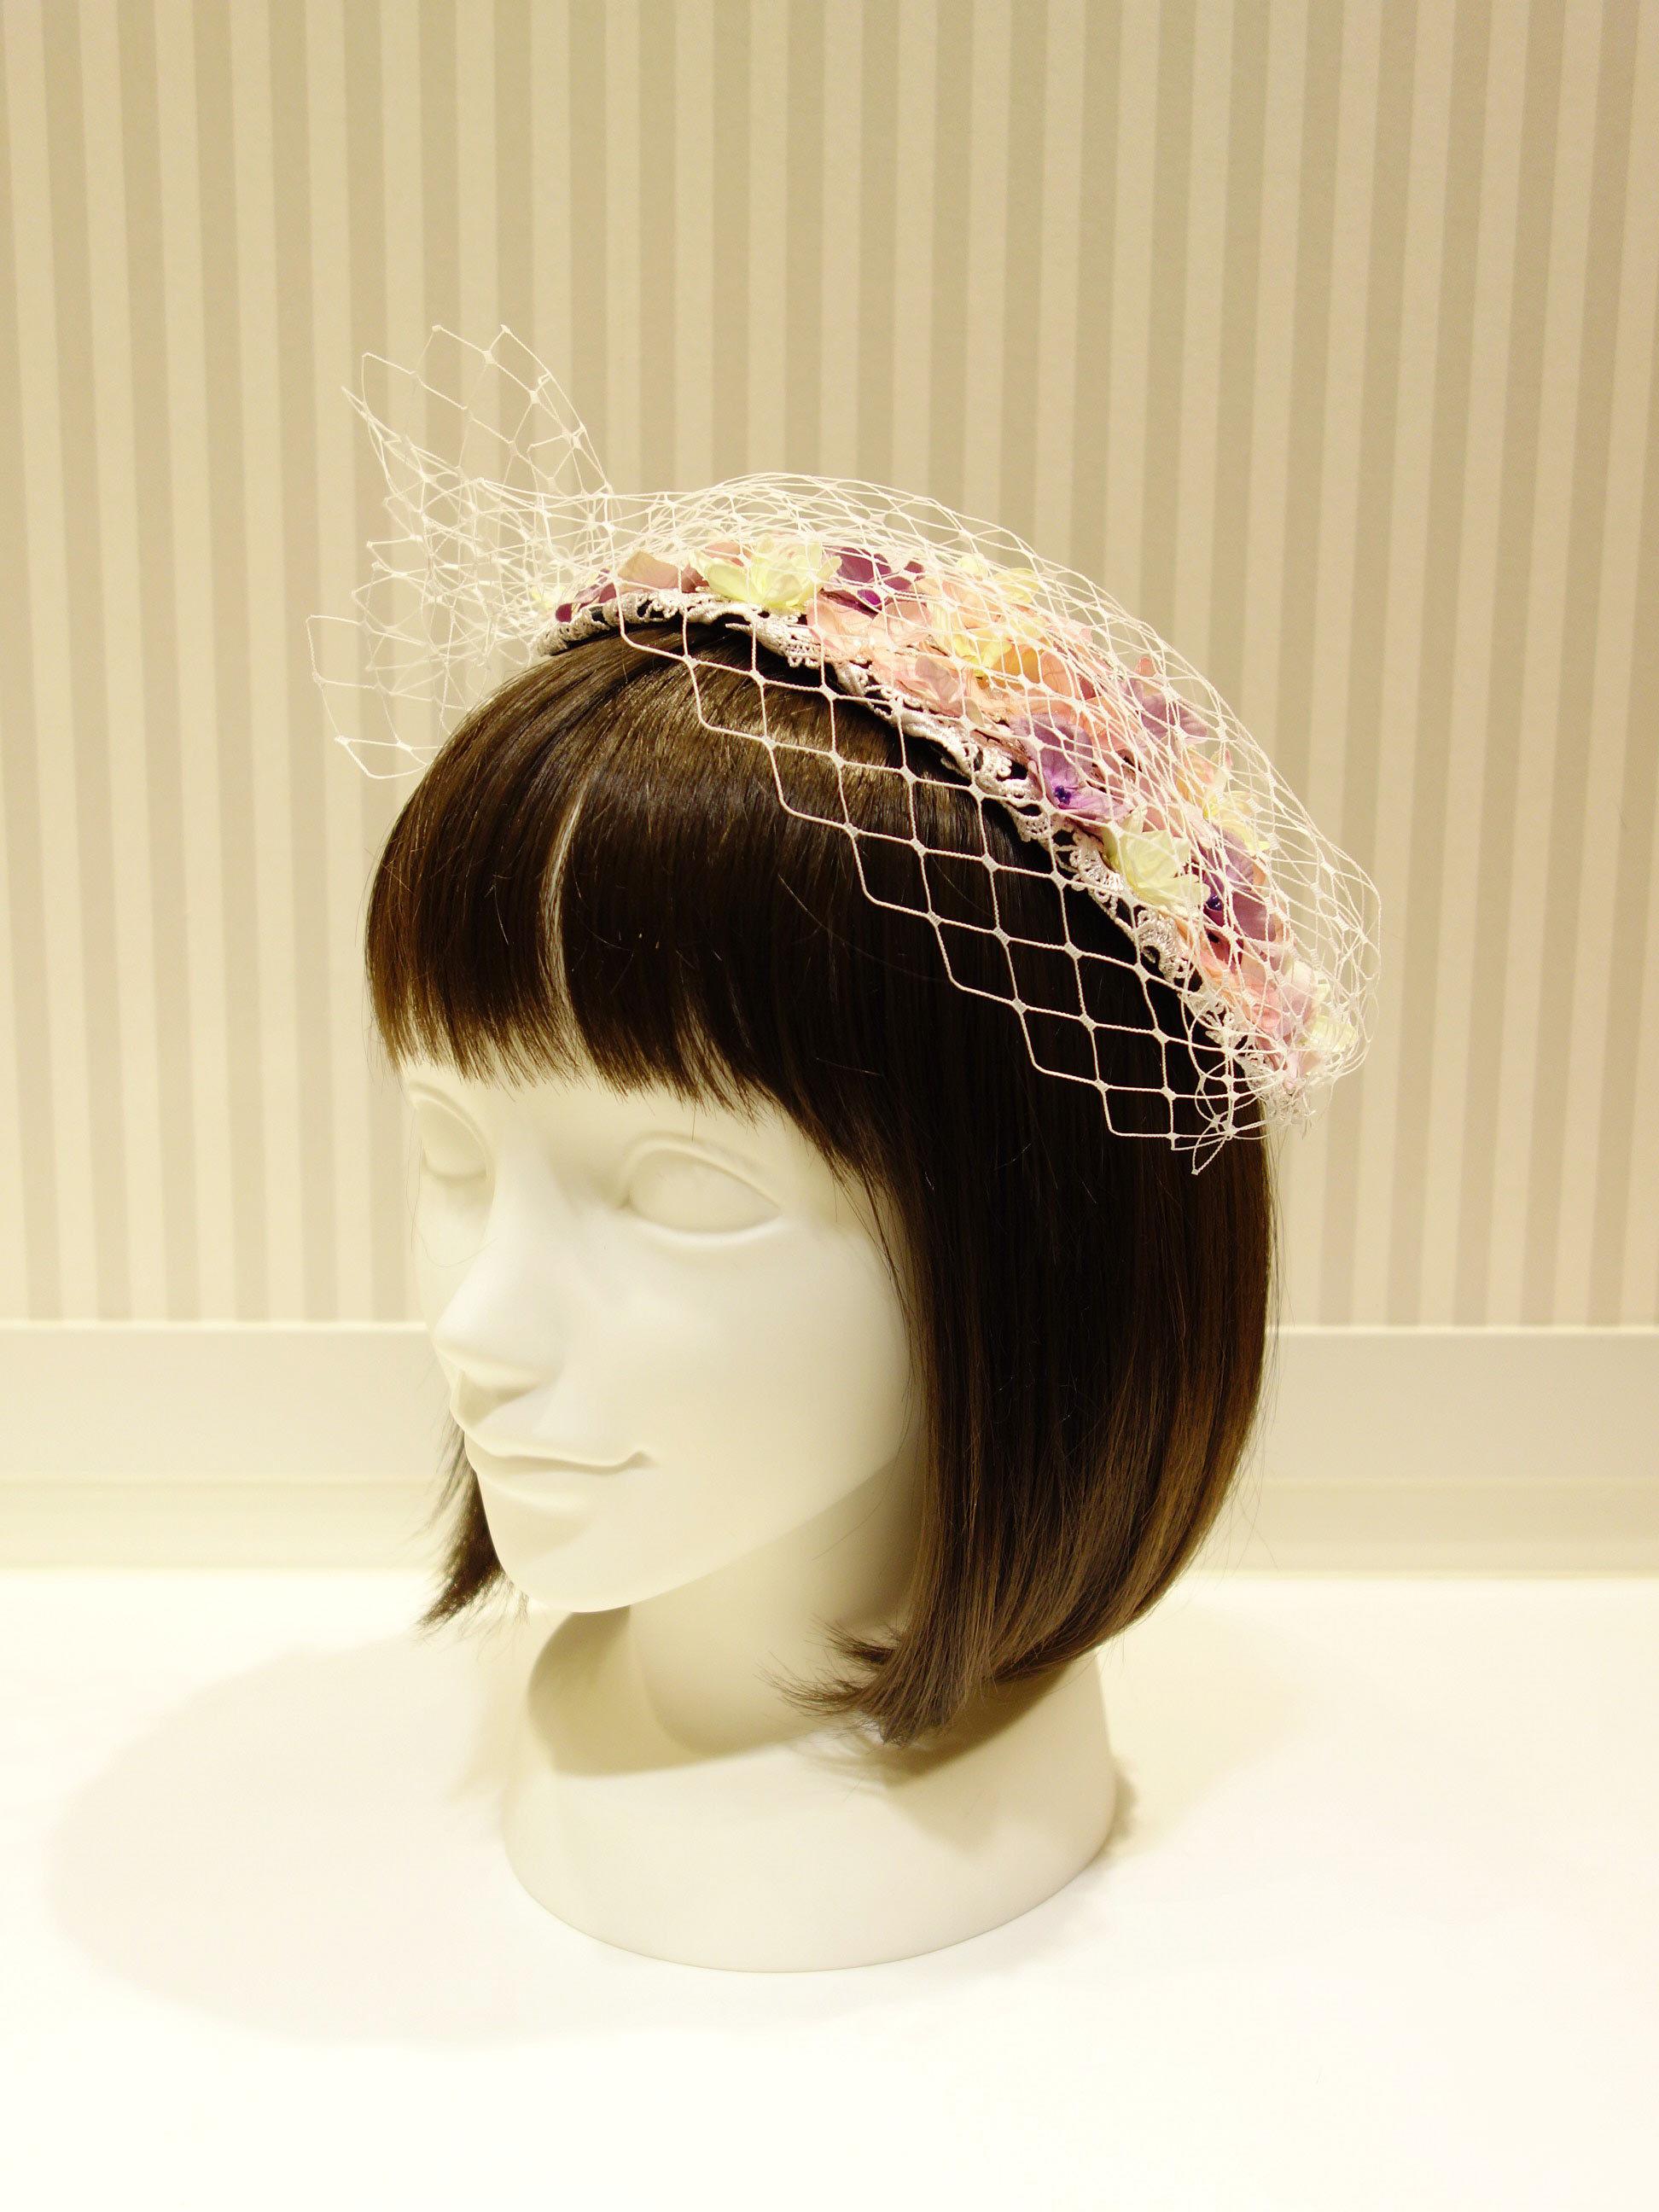 からす*花のヘッドドレス入荷♪_e0167832_16083298.jpg